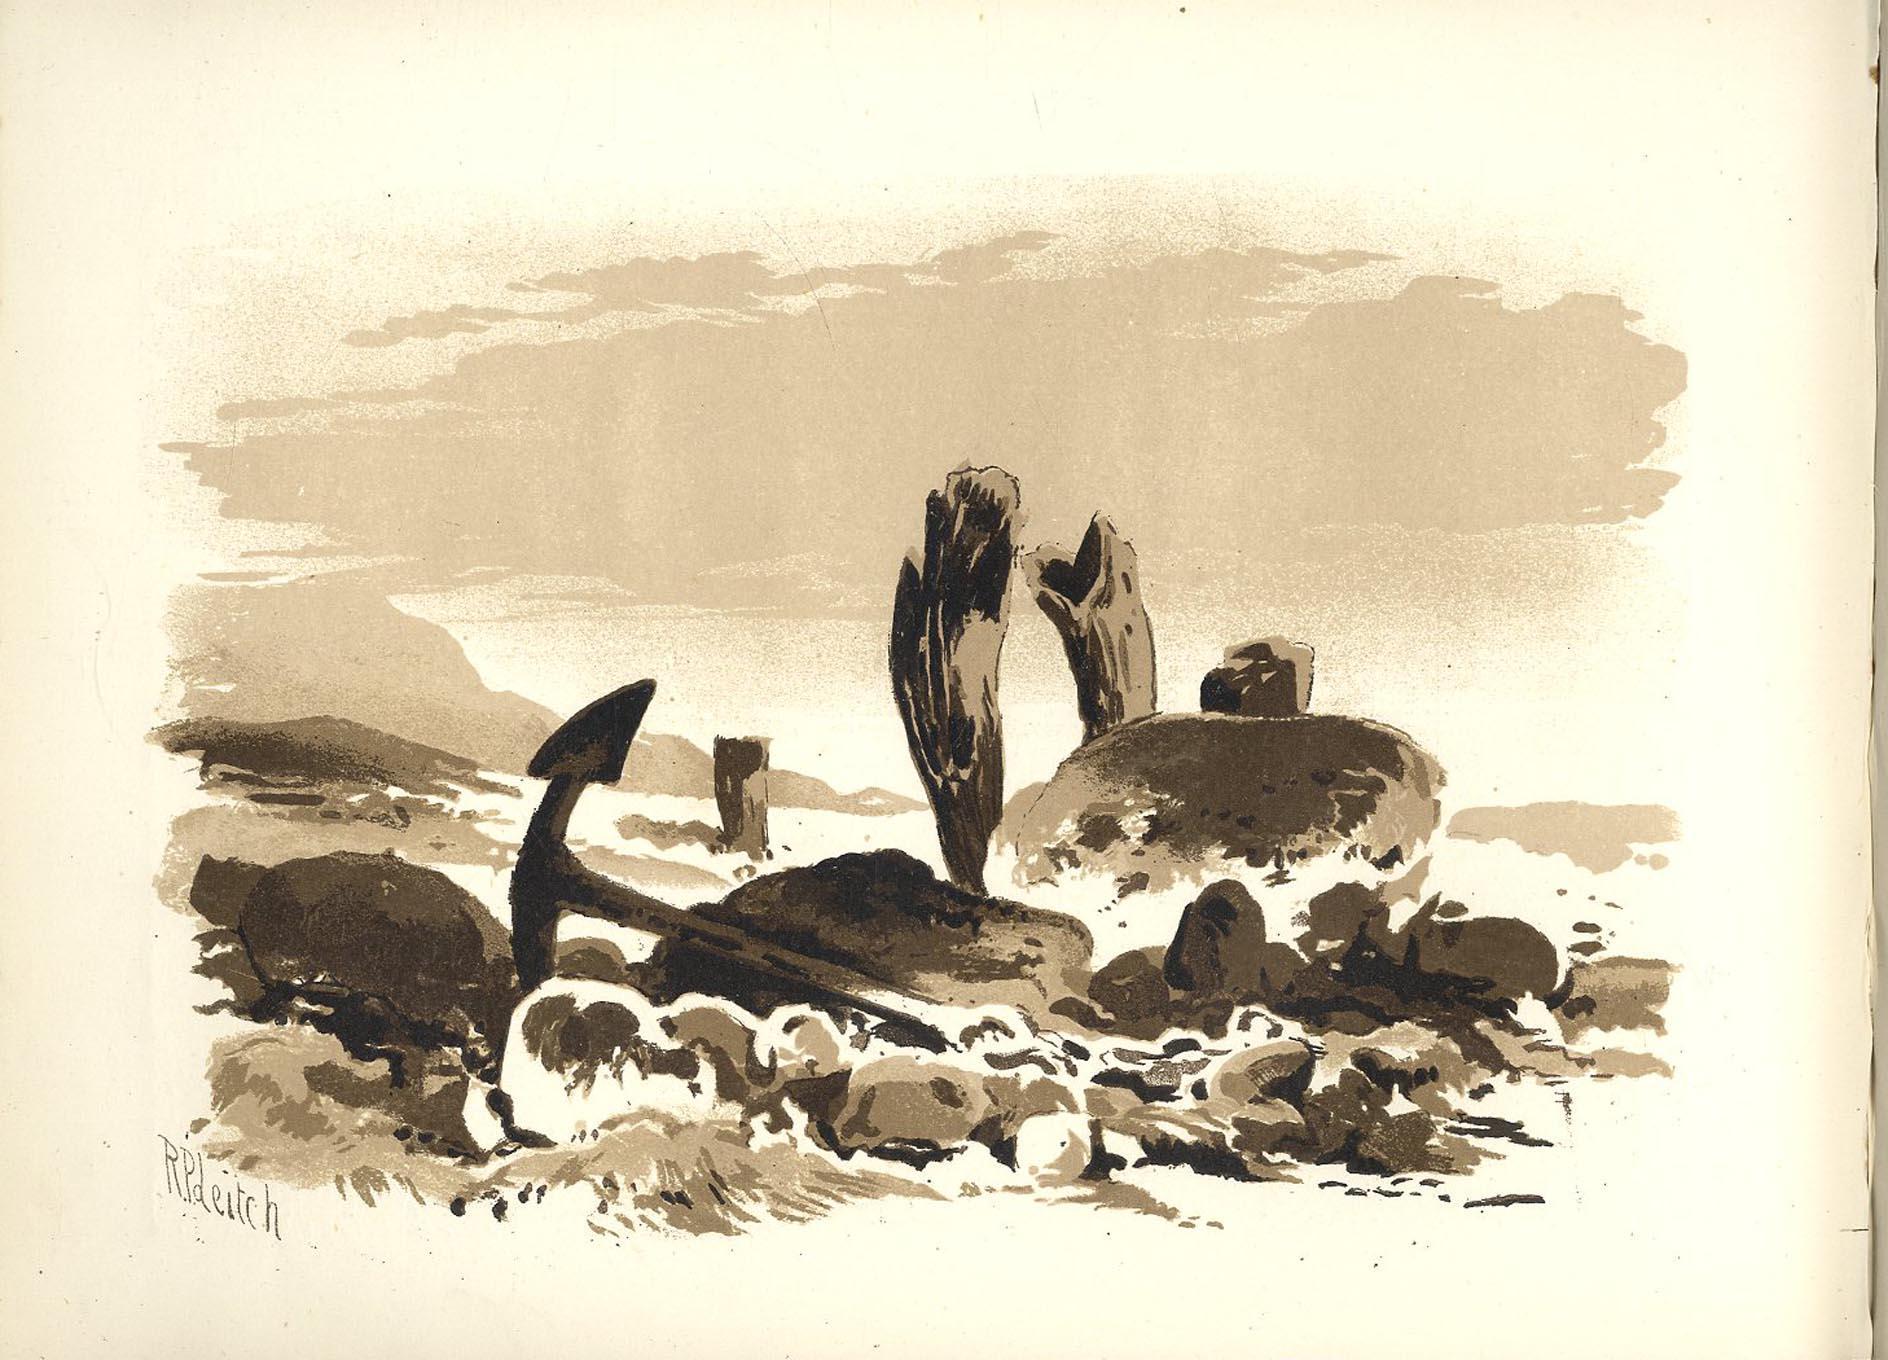 SH611.jpg (1888×1360)